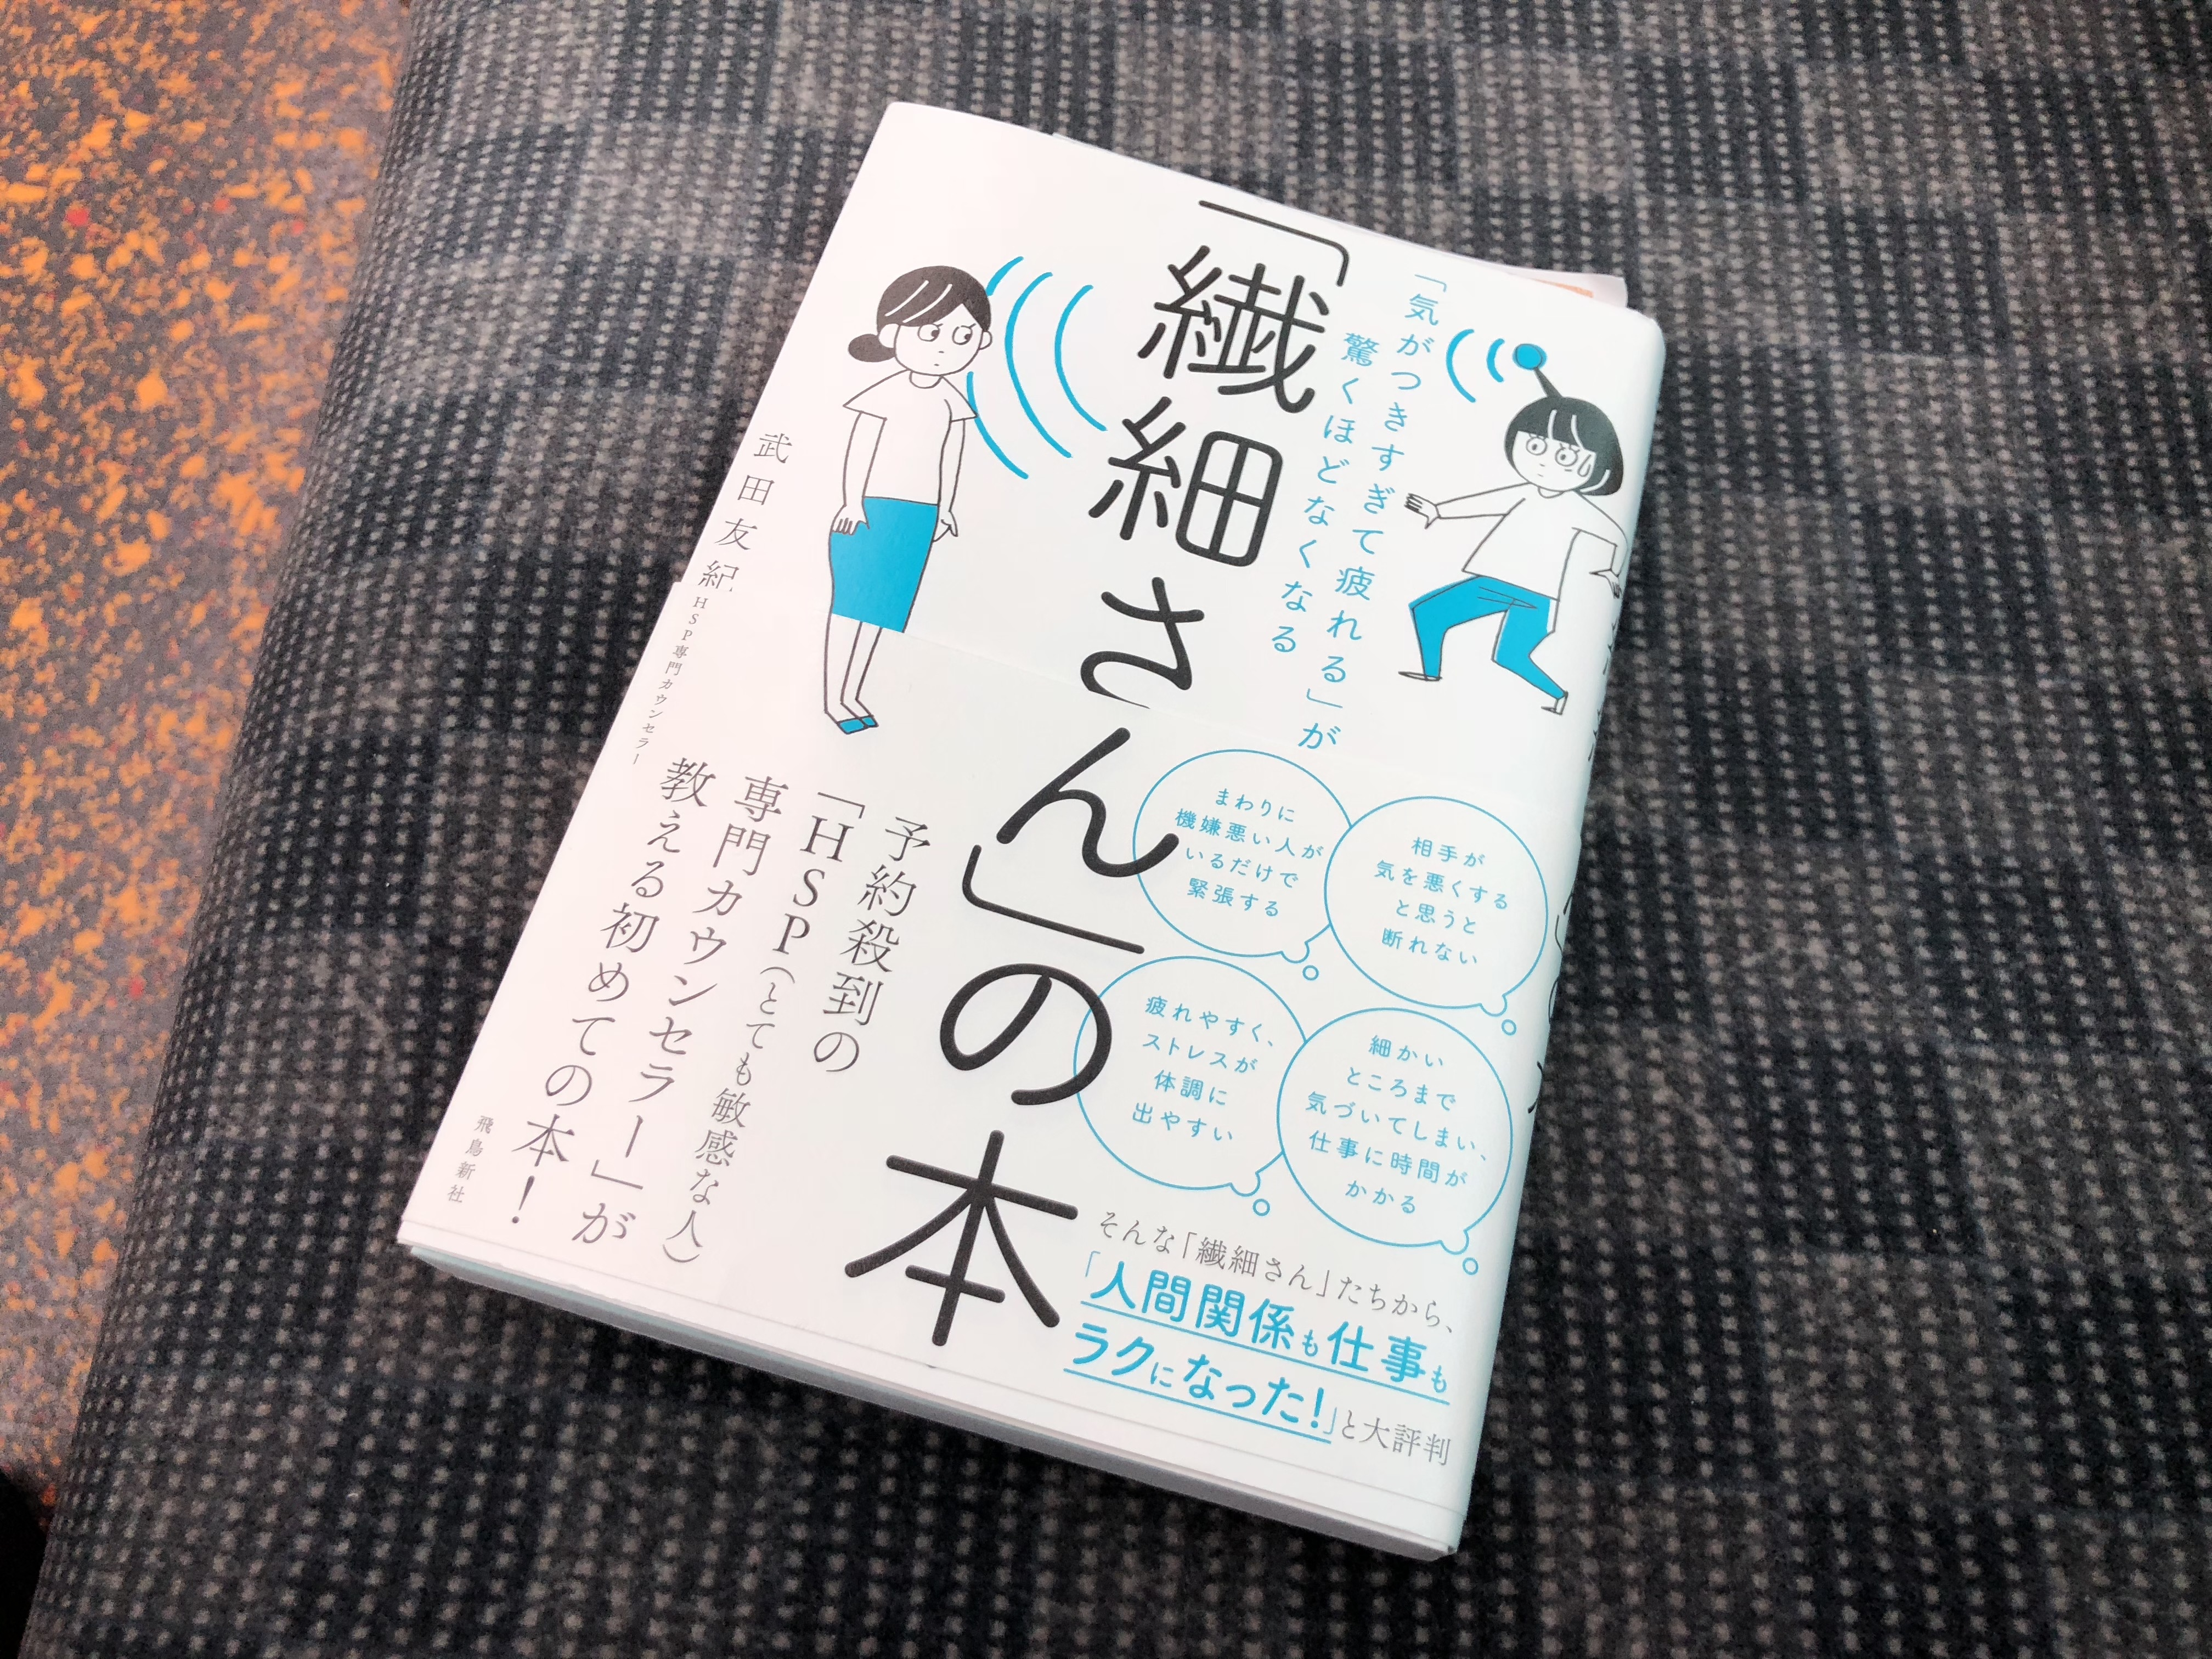 「気がつきすぎて疲れる」が驚くほどなくなる「繊細さん」の本